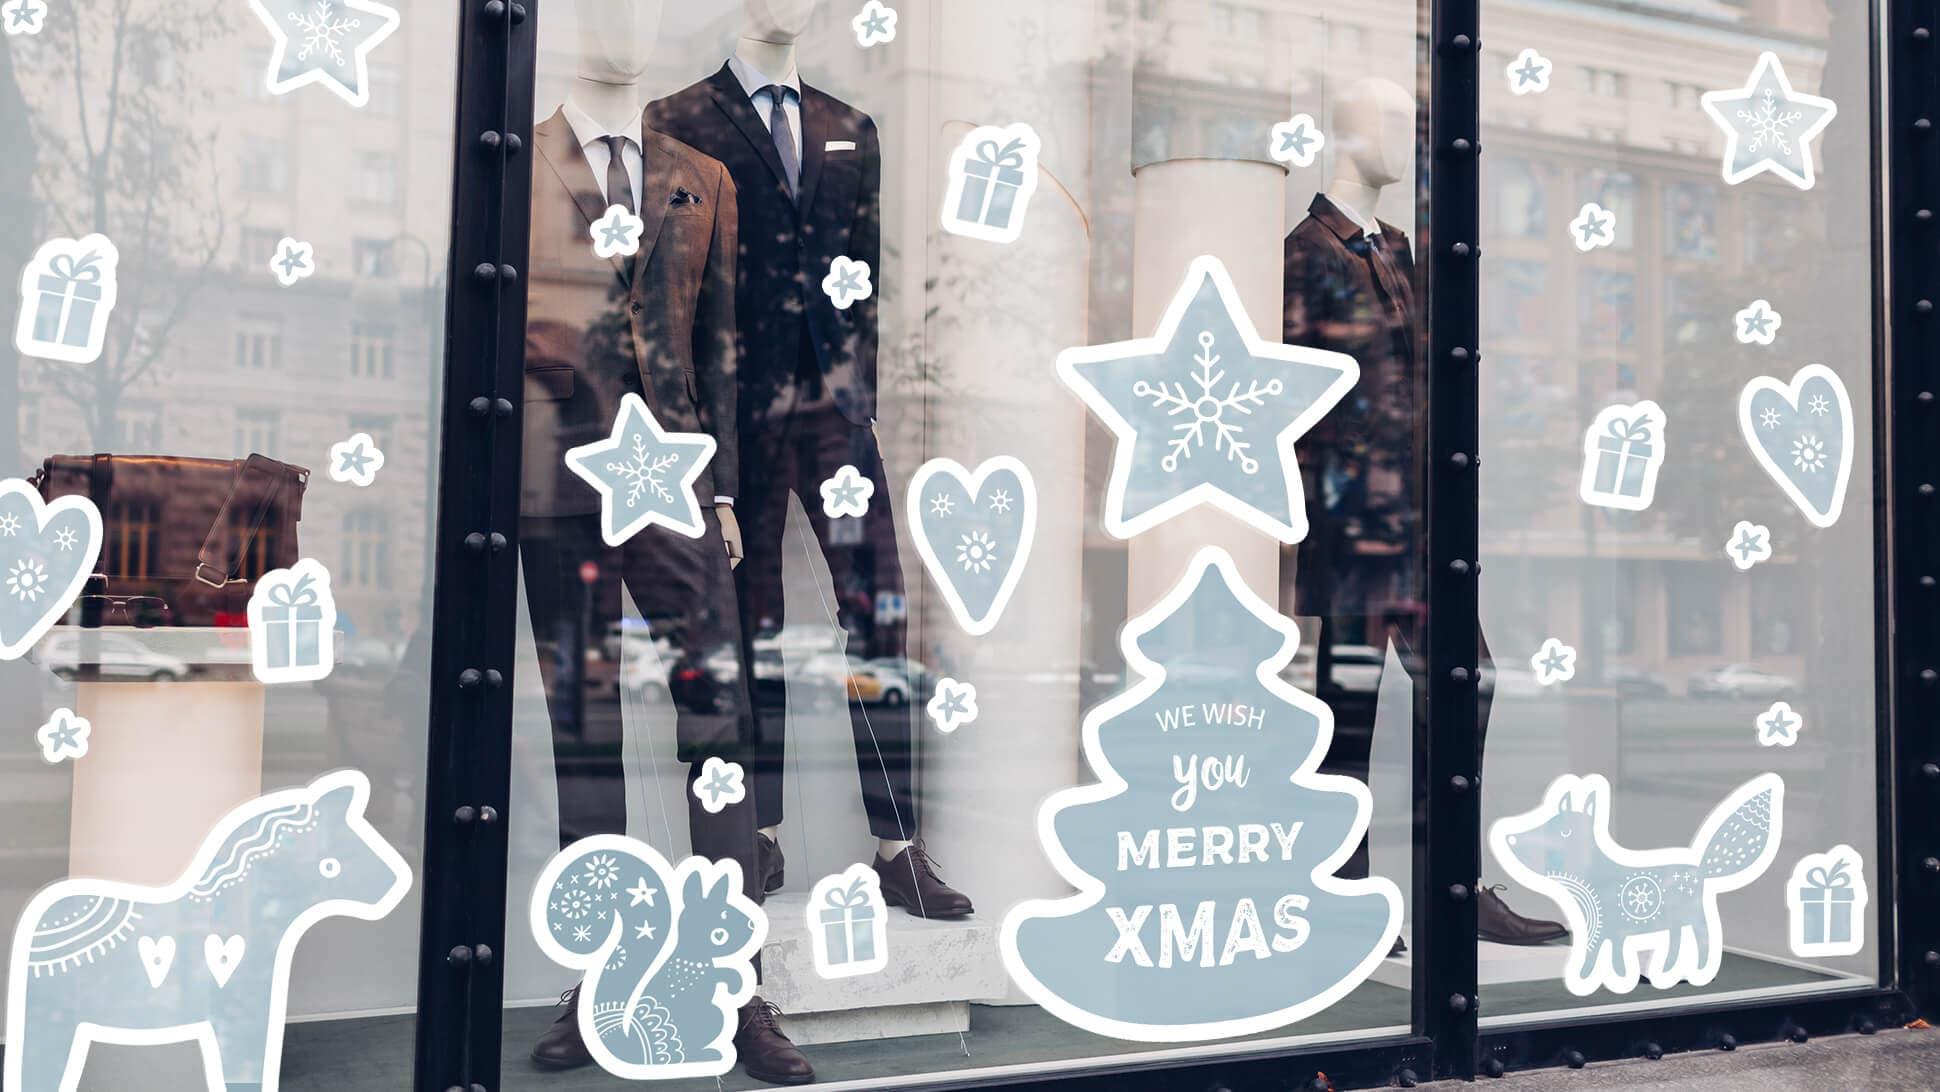 adesivi monocromatici natalizi per vetrine | tictac.it